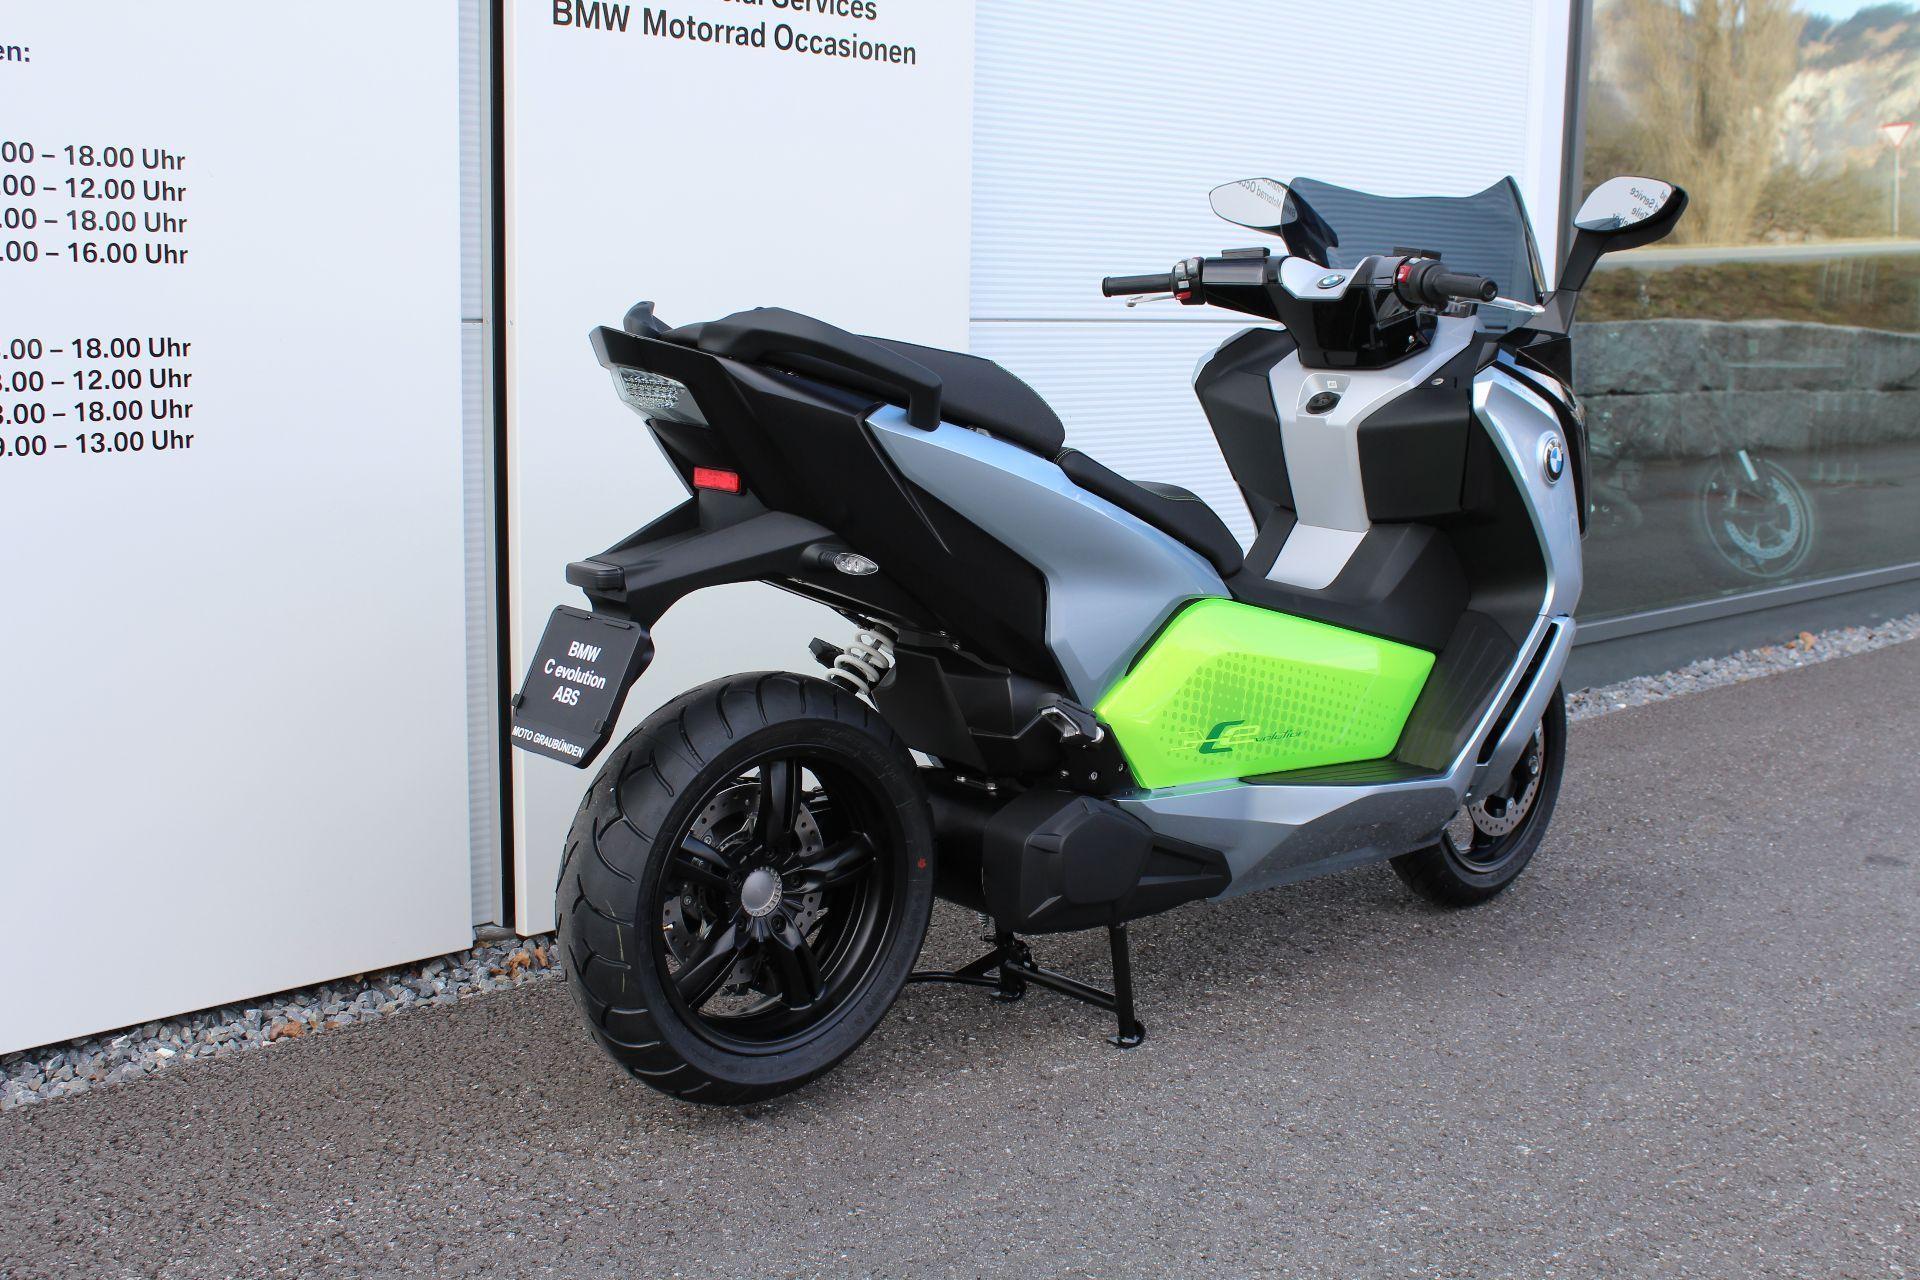 motorrad neufahrzeug kaufen bmw c evolution abs moto graub nden maienfeld. Black Bedroom Furniture Sets. Home Design Ideas